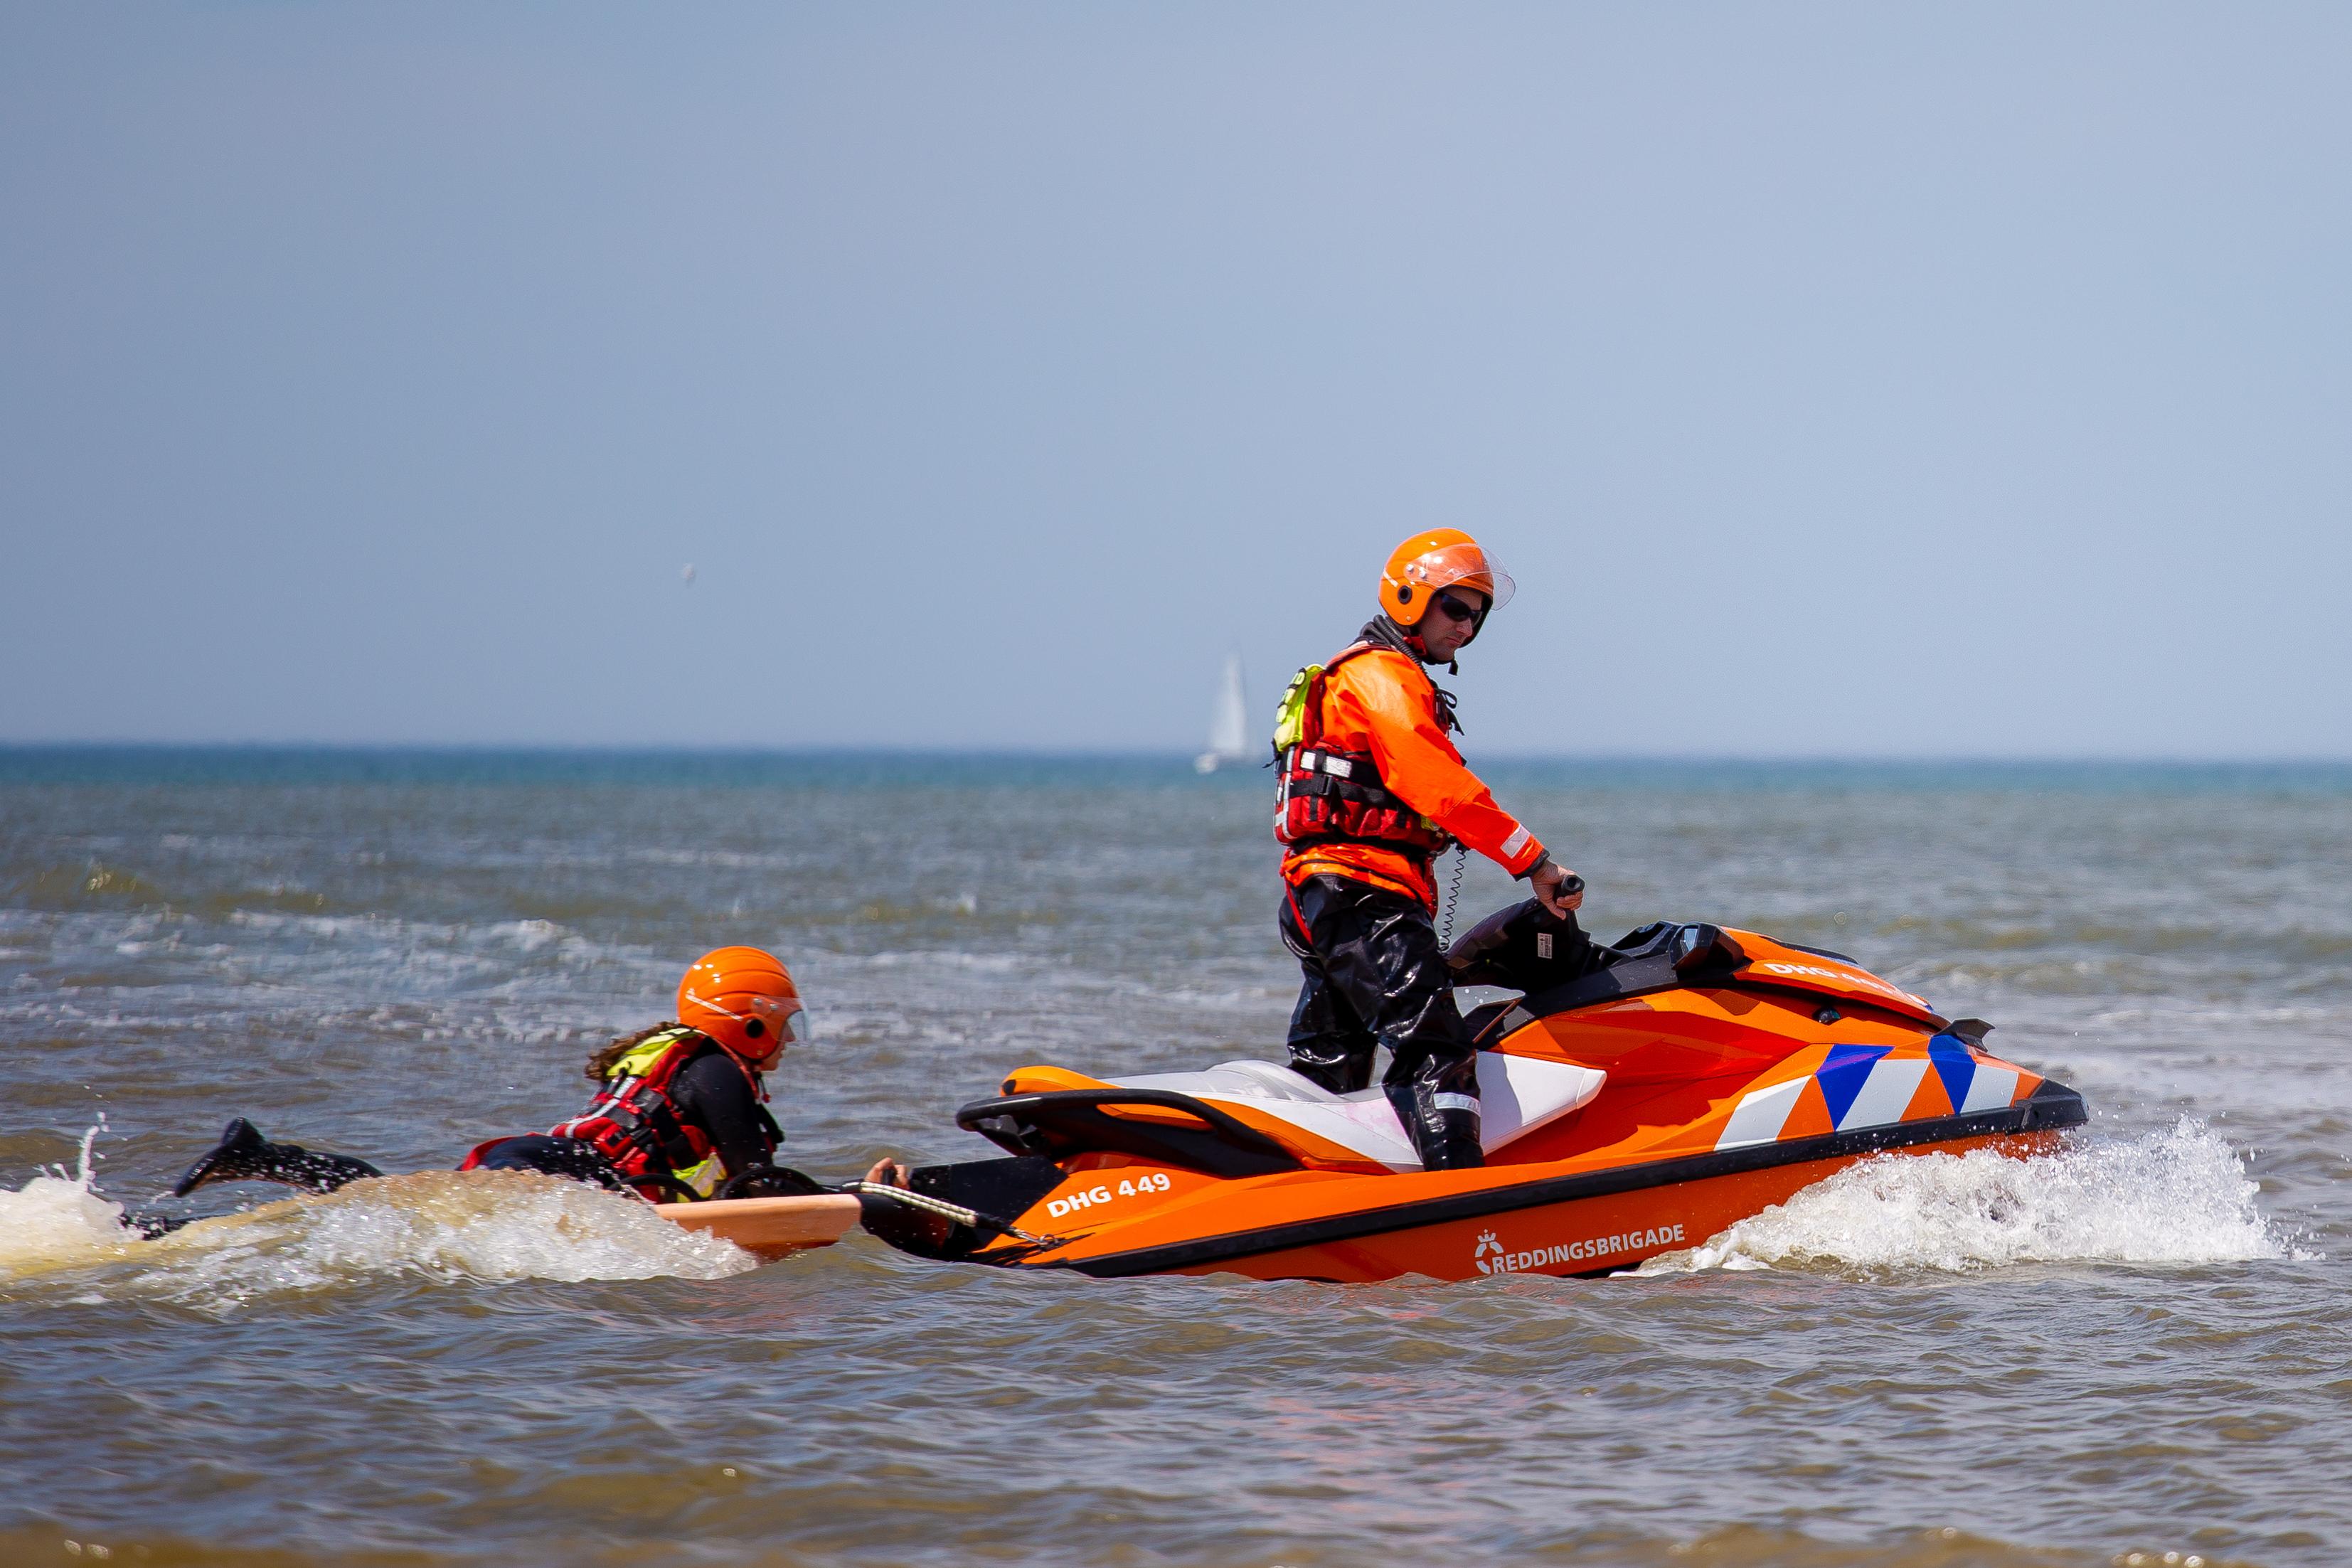 Lifeguards voor de kust